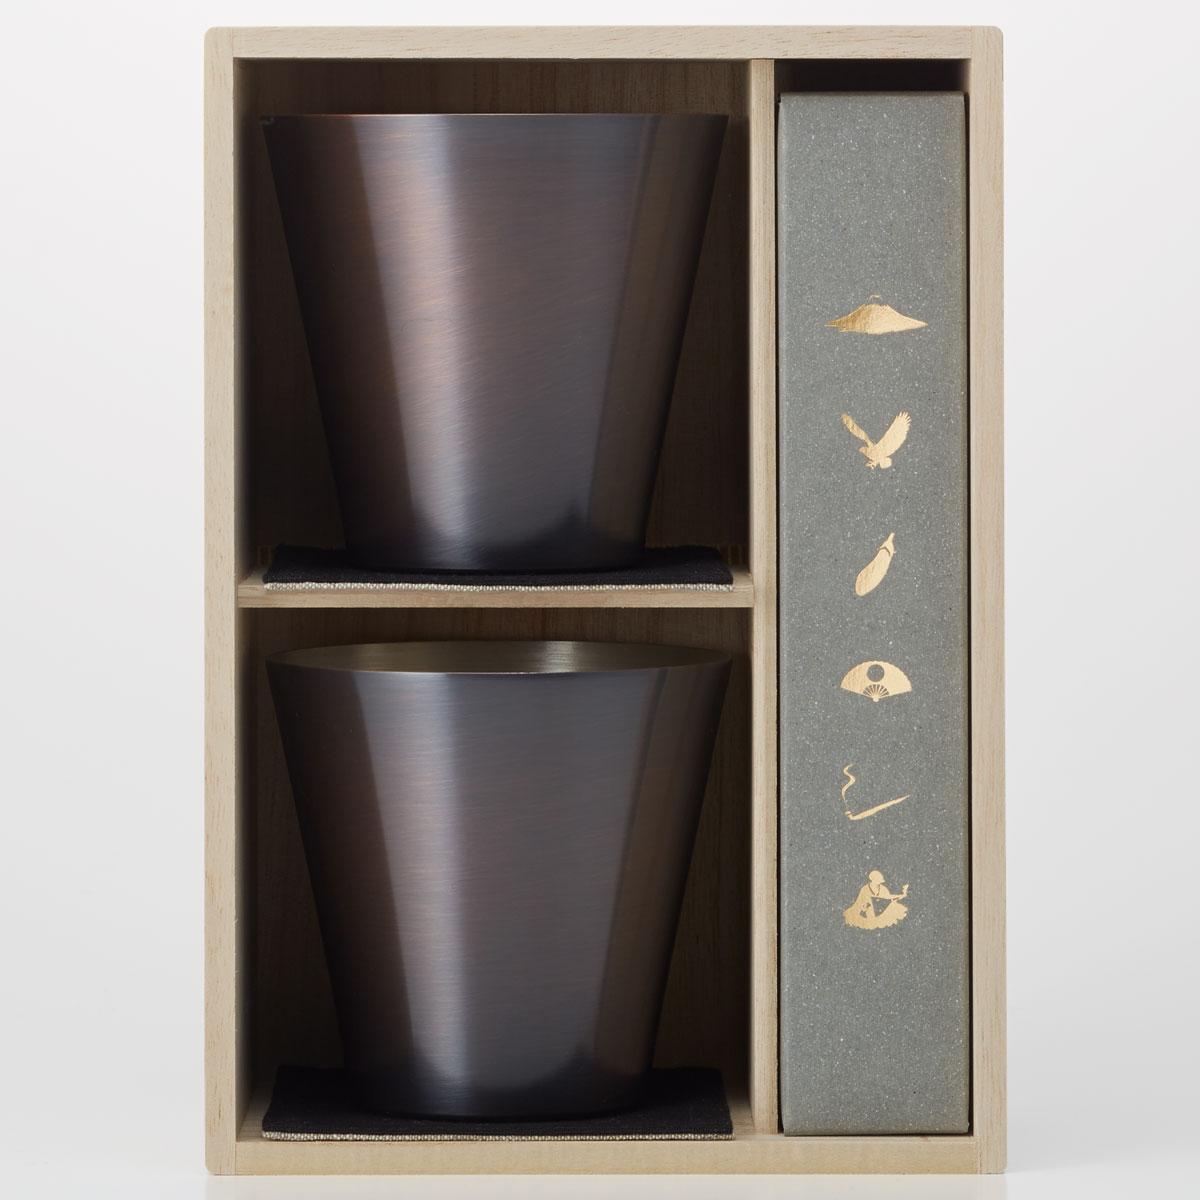 銅製カップ WDH 純銅製オールド&スプーン 各2本セット 銅製ロックグラス 銅製オールド ダブリューディーエイチ 銅製カップ 460ml ブラウン